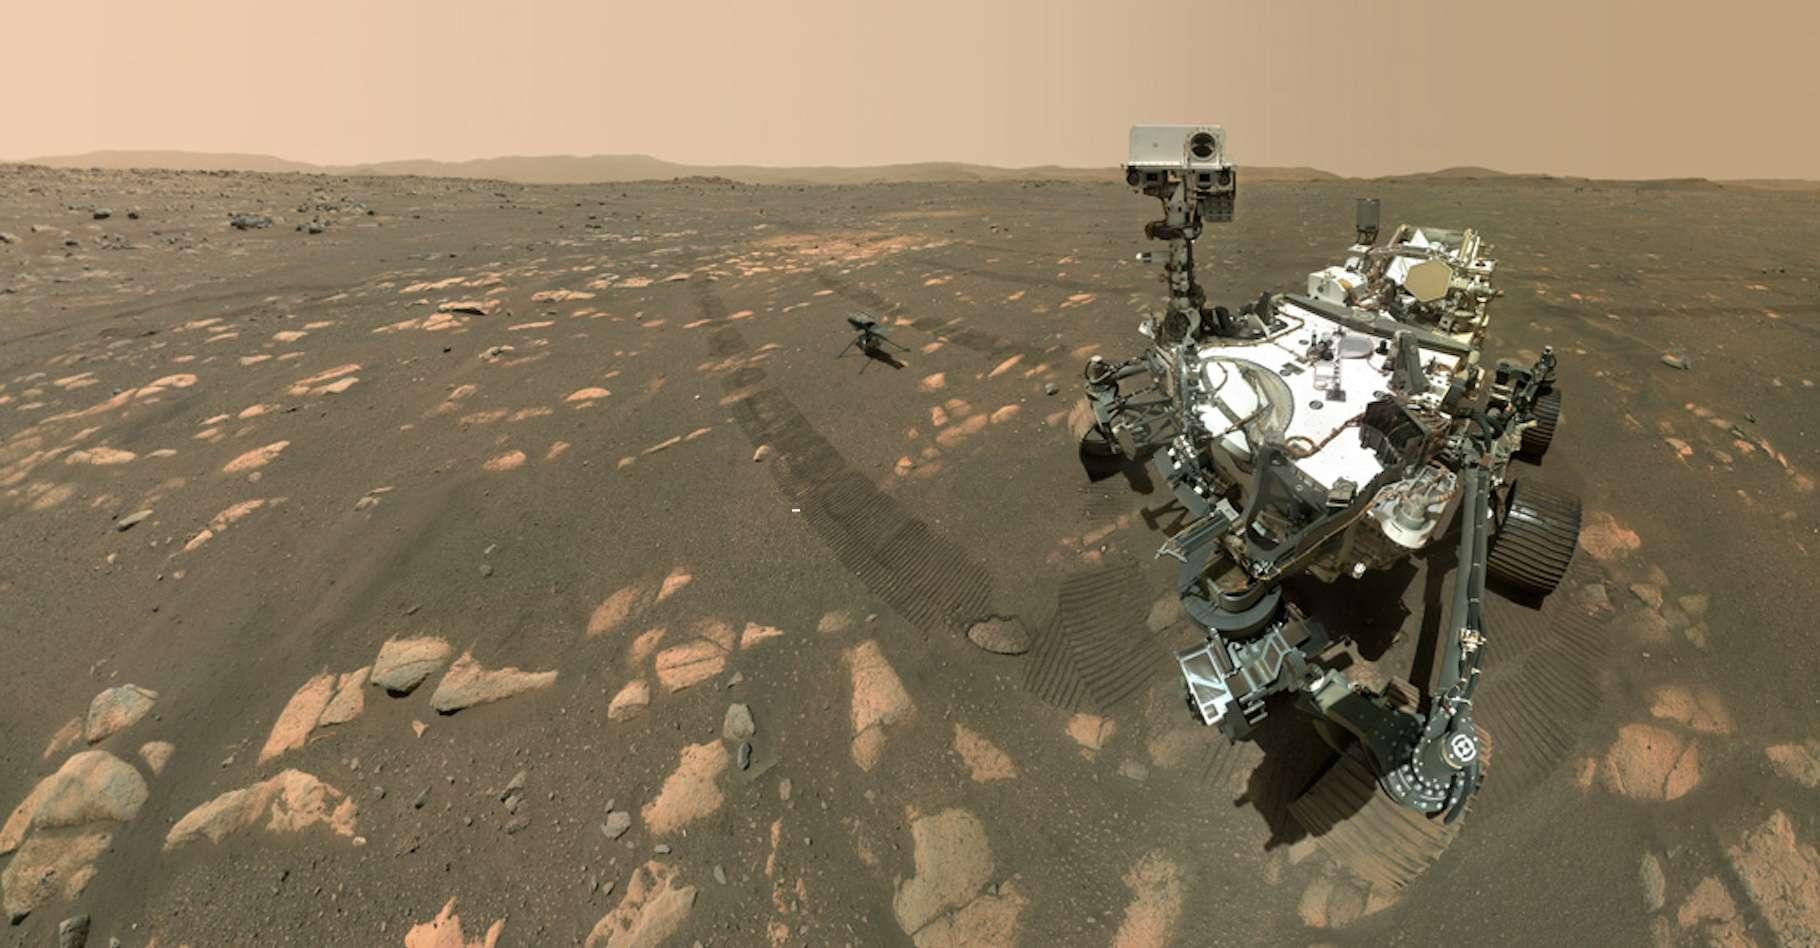 À l'occasion de ses six mois sur Mars, Google a choisi de mettre le rover de la Nasa Perseverance à l'honneur d'une vidéo. © Nasa, JPL-Caltech, MSSS